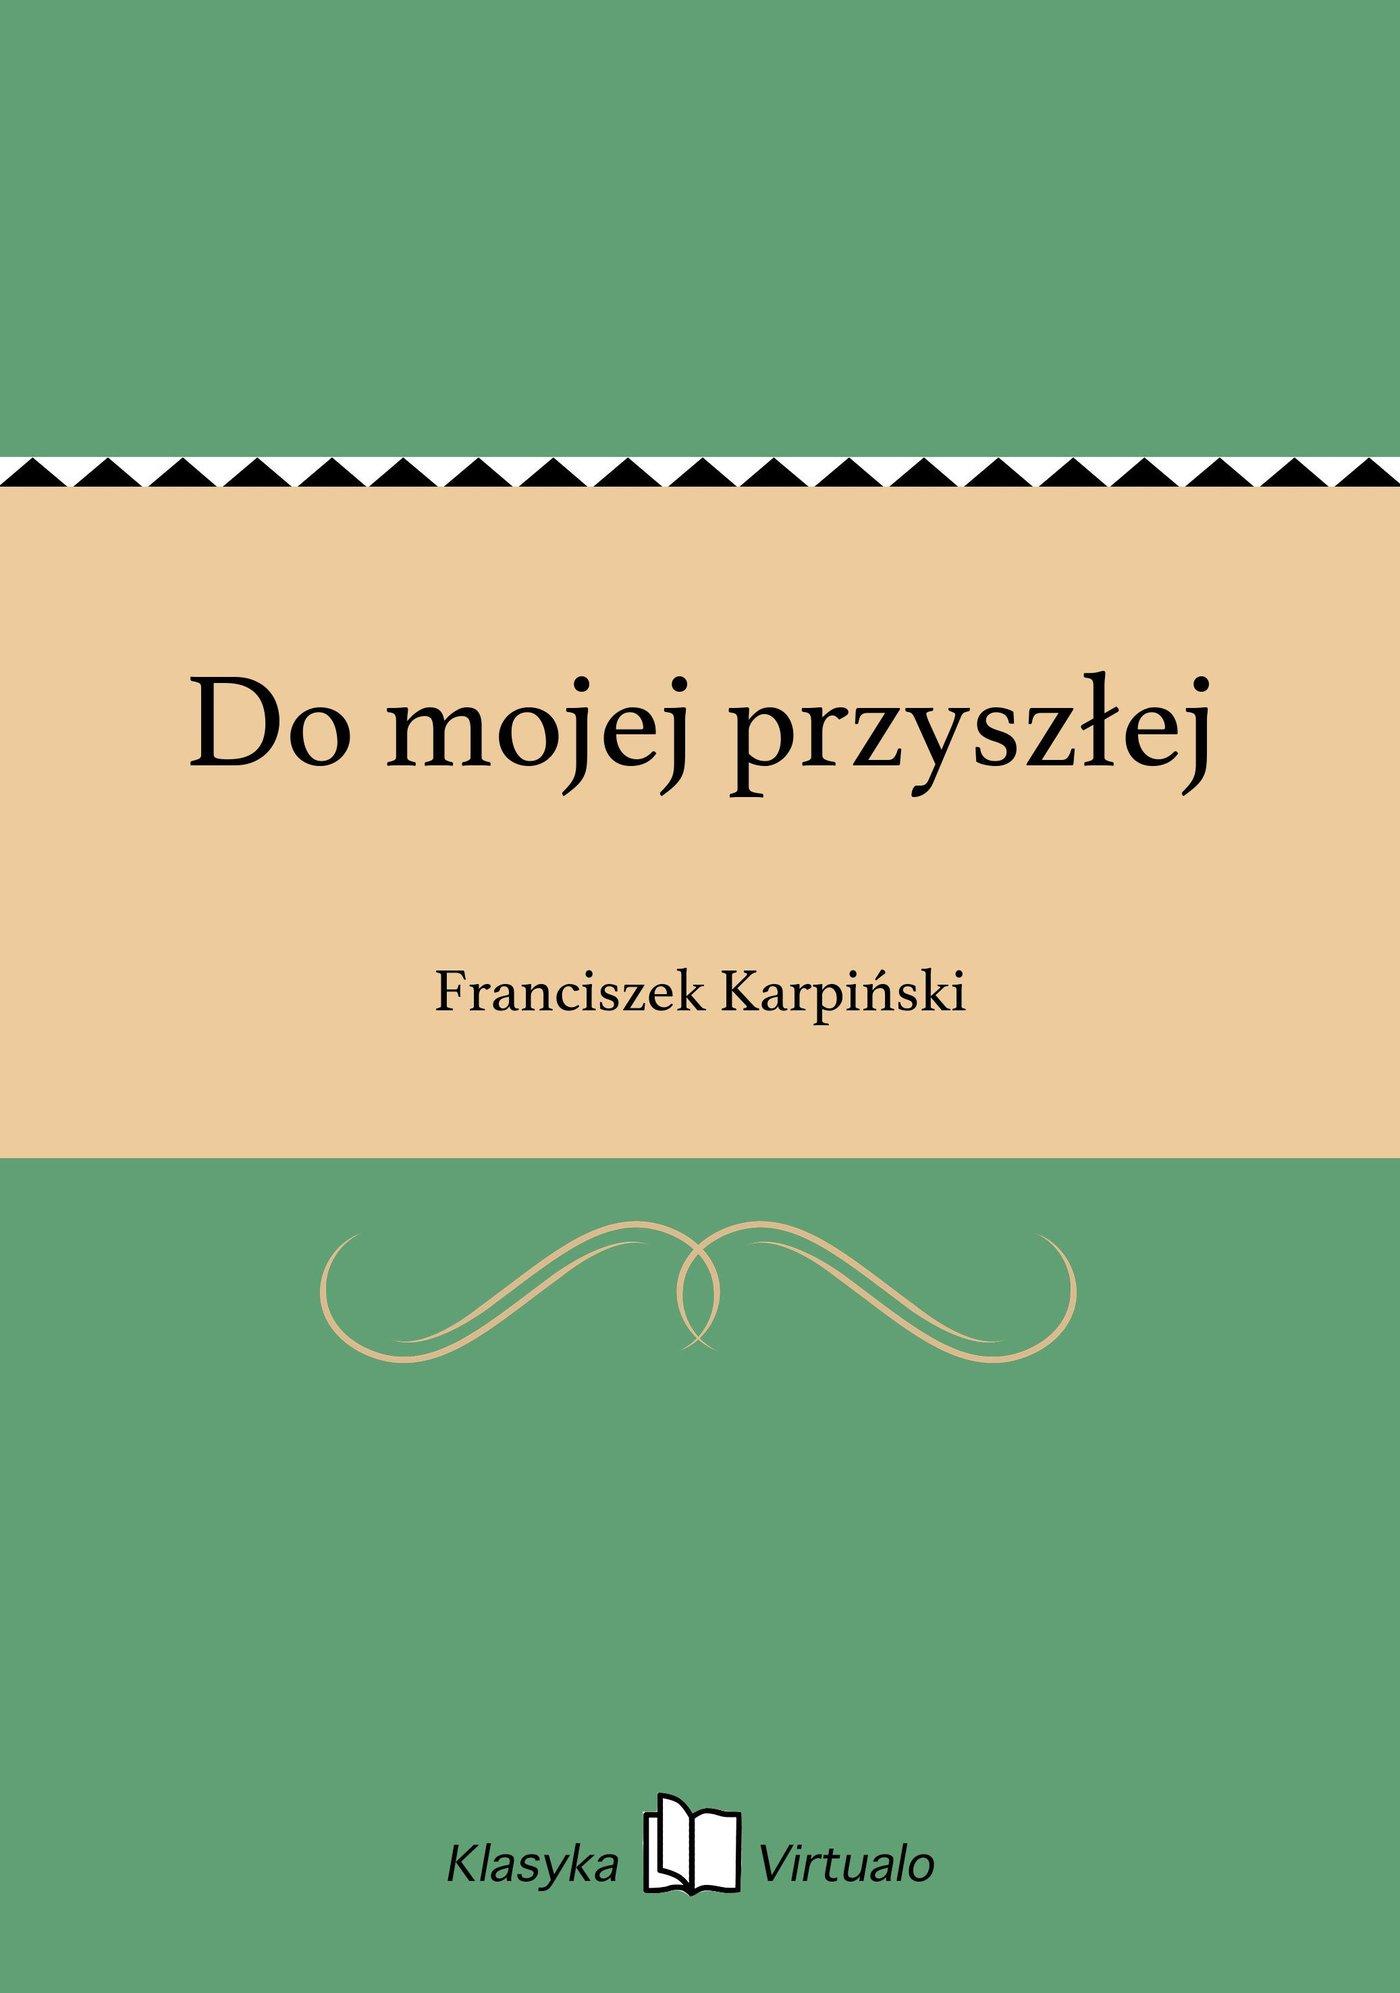 Do mojej przyszłej - Ebook (Książka na Kindle) do pobrania w formacie MOBI